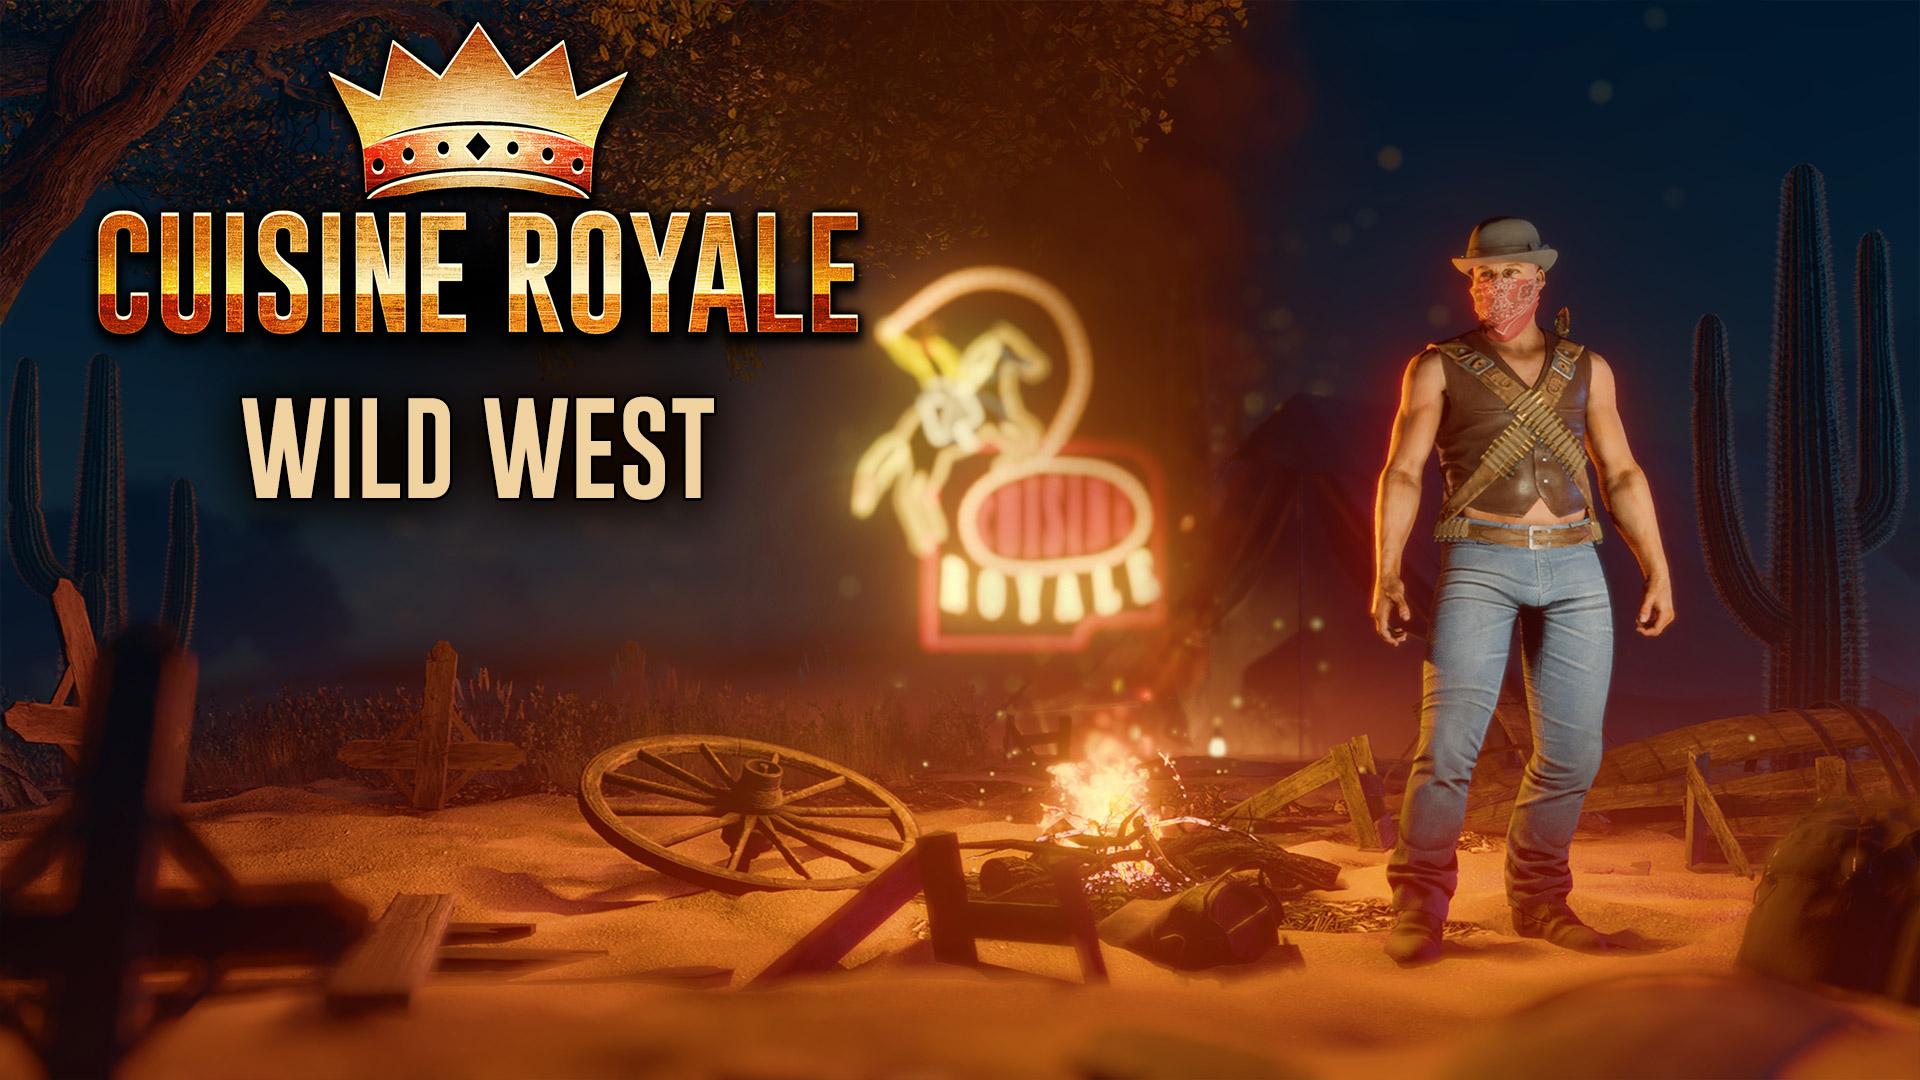 Начался новый сезон в королевской битве Cuisine Royale